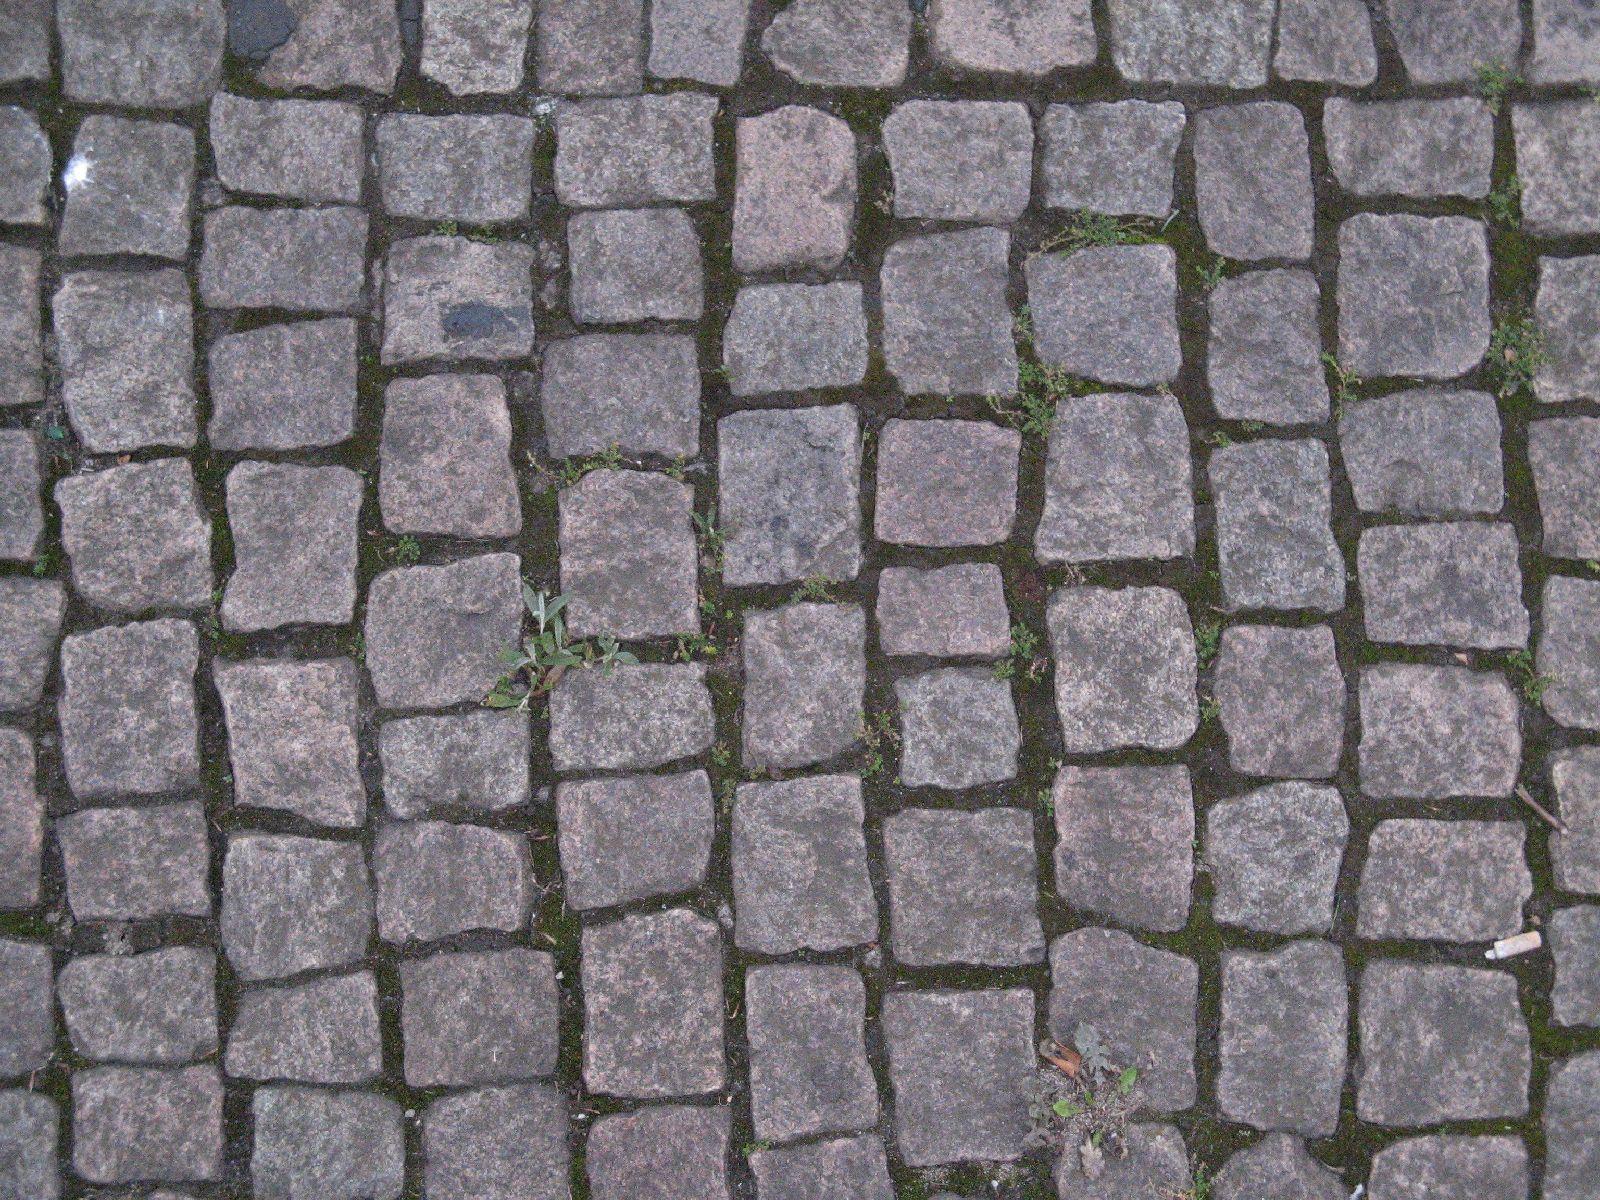 Ground-Urban_Texture_B_3096